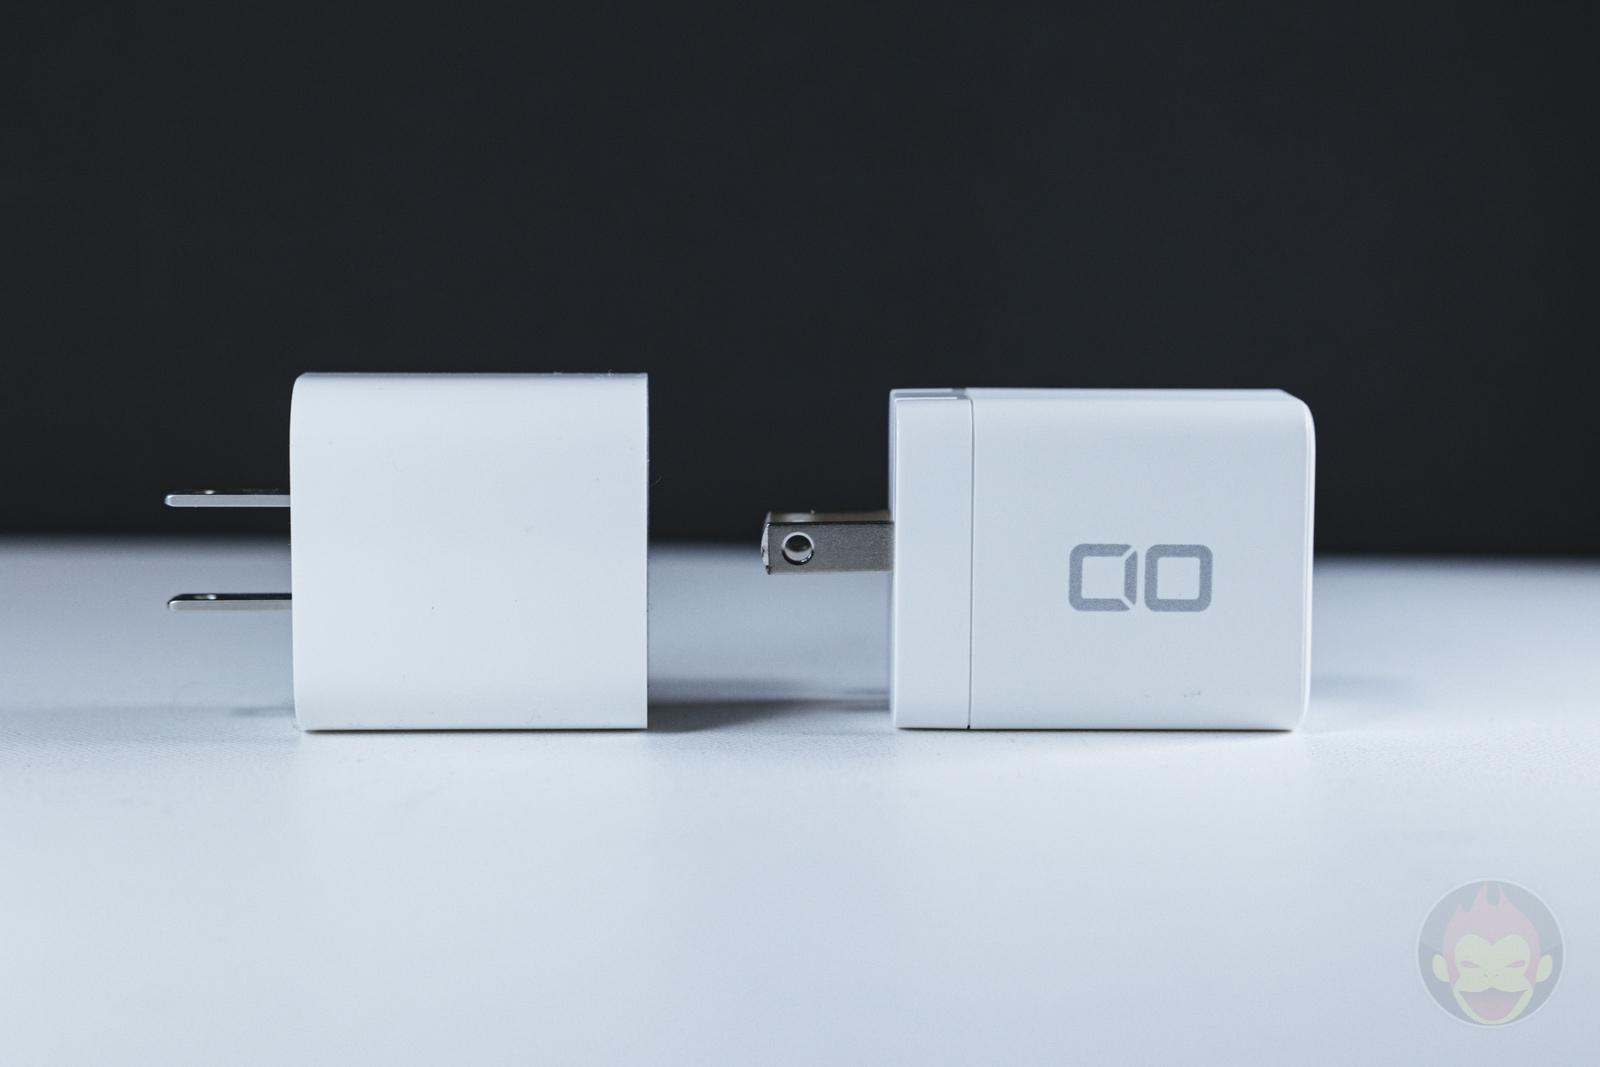 Apple純正の20W充電器(左)とサイズ比較